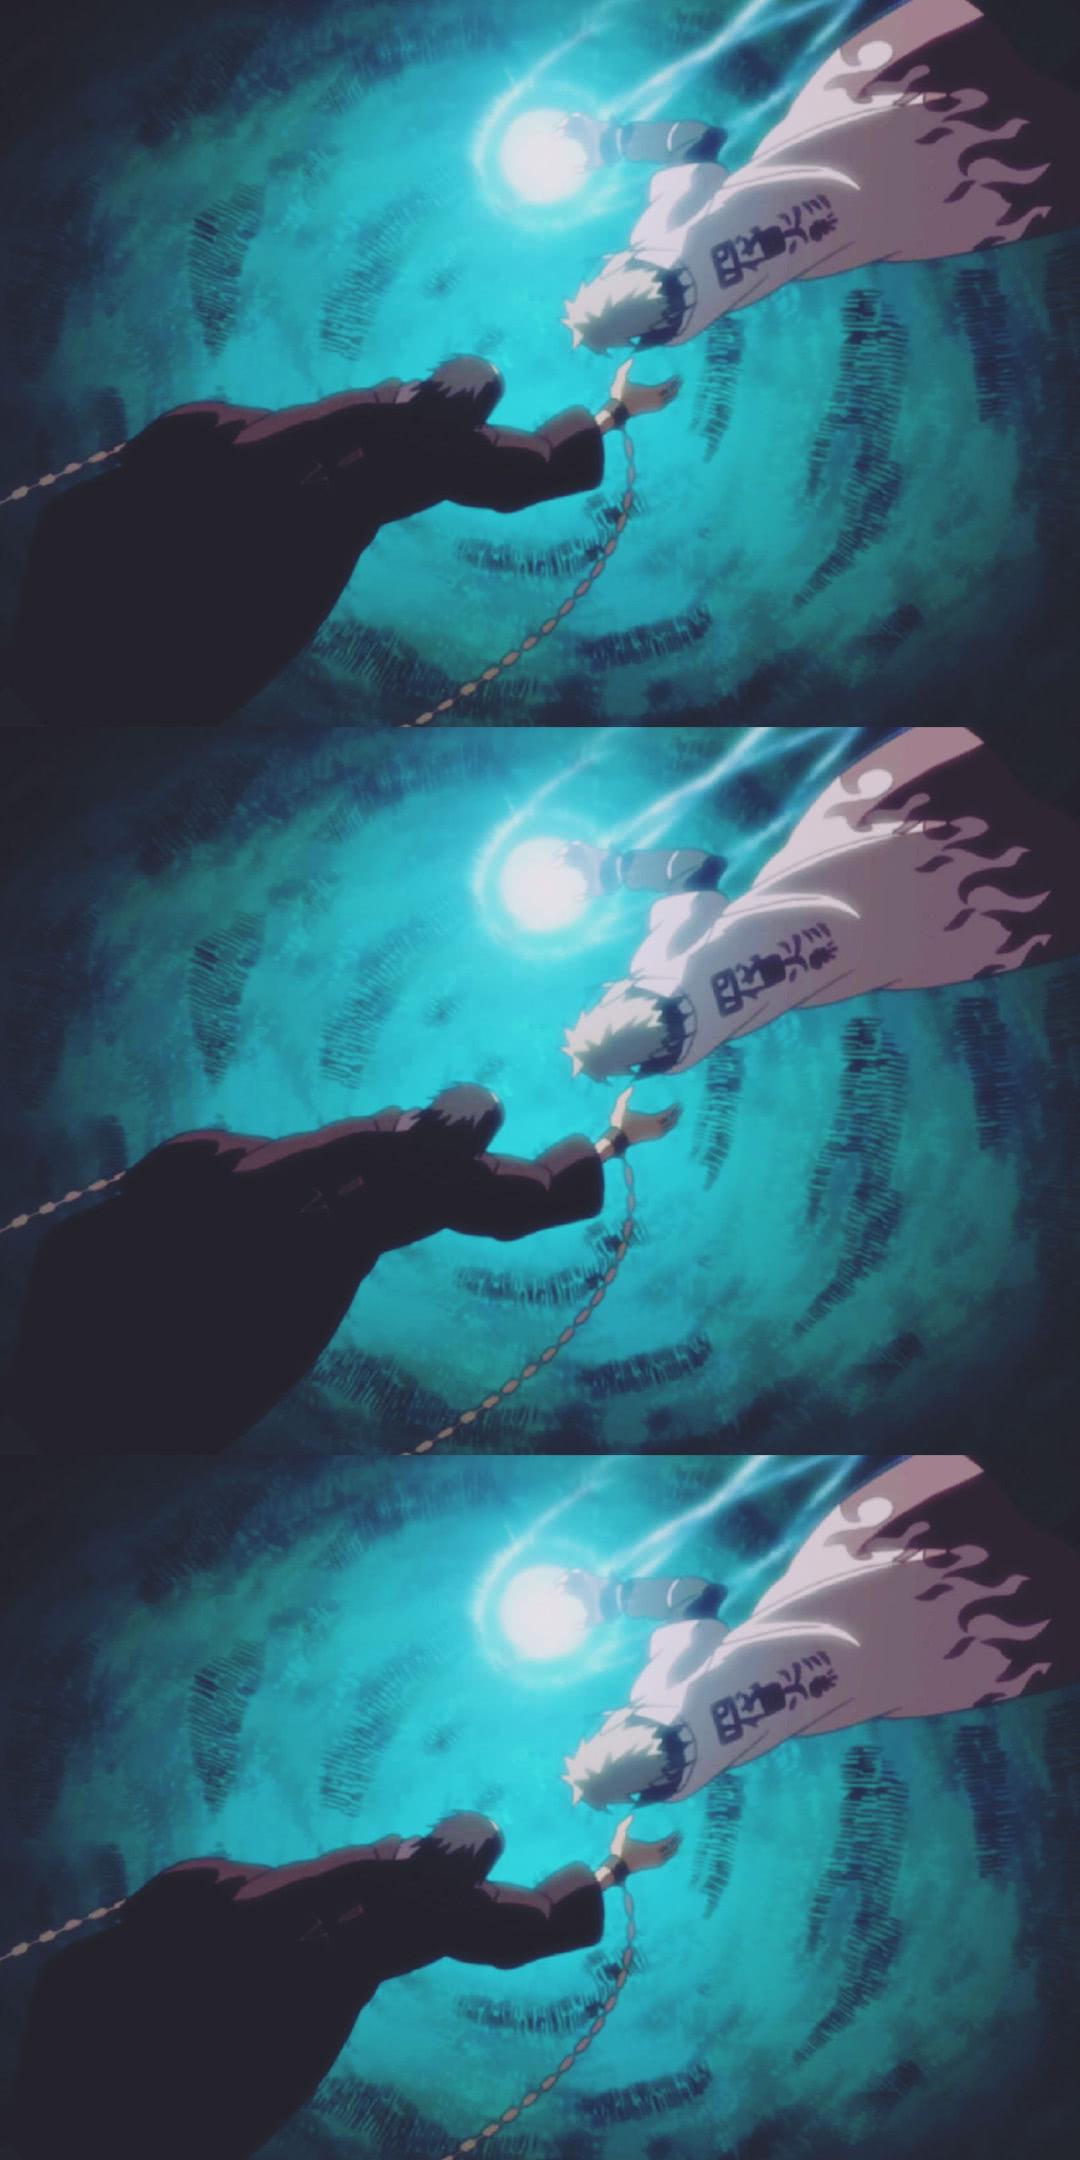 【图片】火影忍者三屏高清壁纸